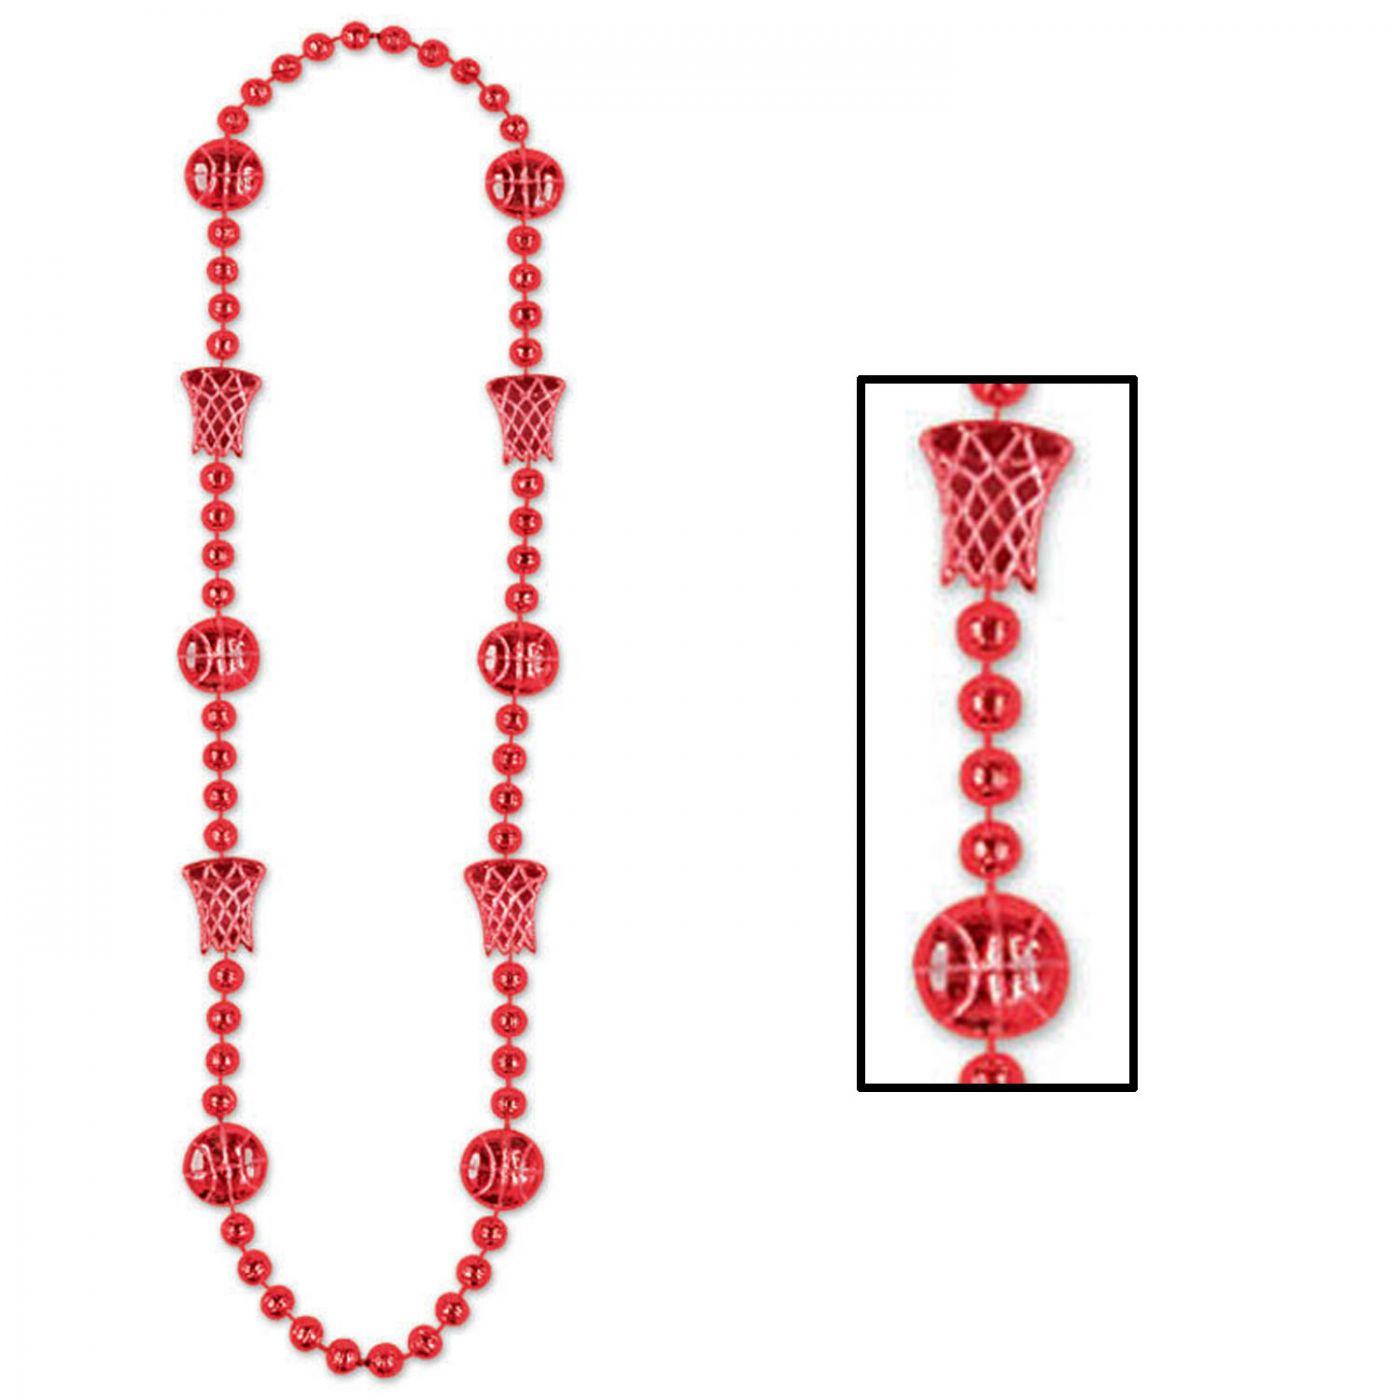 Basketball Beads image